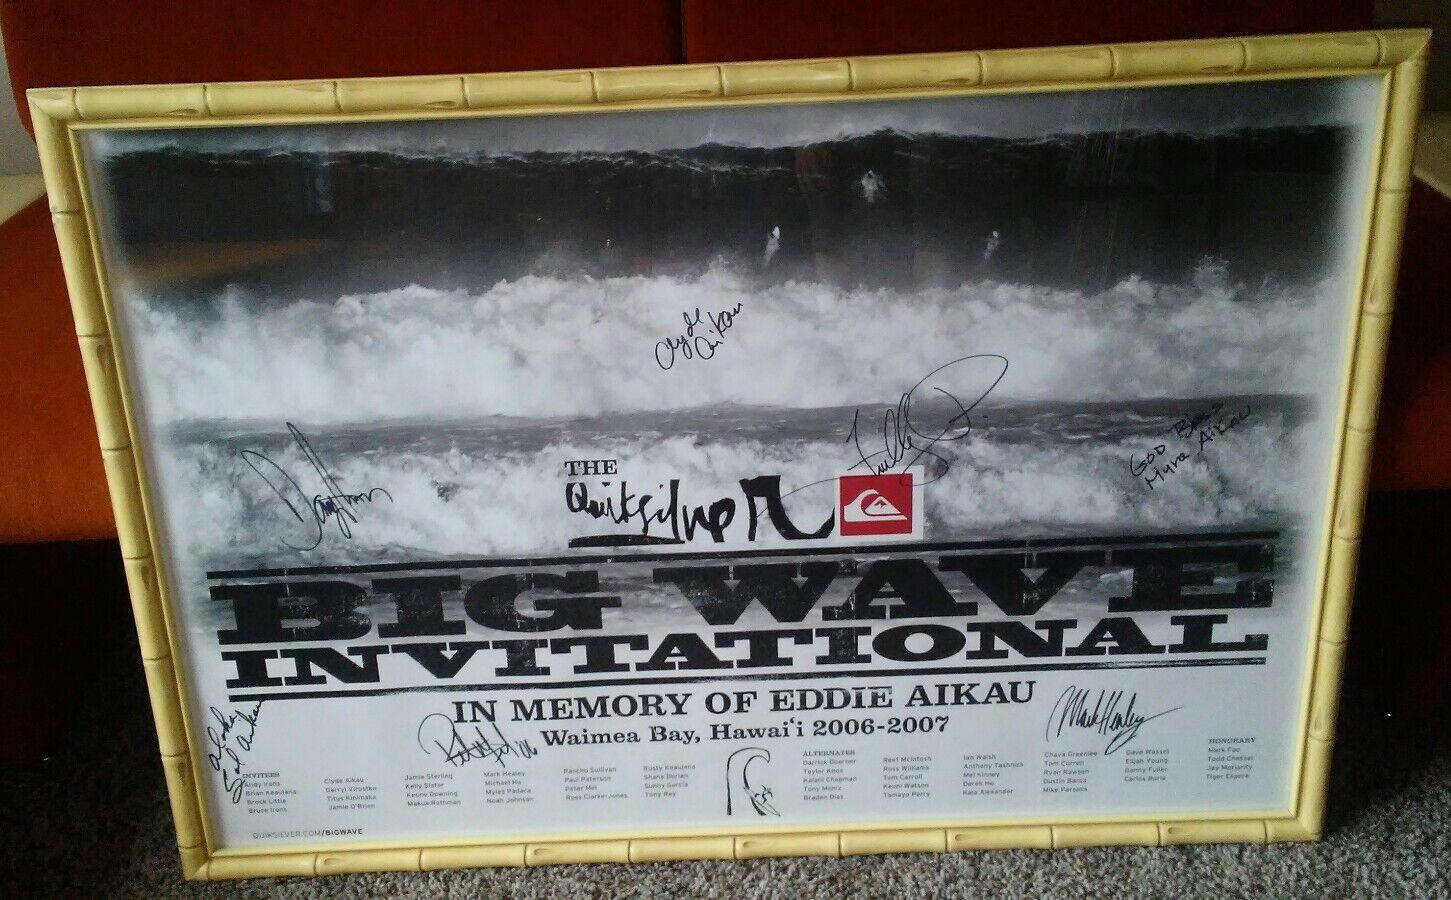 2006 QuikPlata Big Wave Surfing concurso Eddie Aikau hawaiano autografiada de Cochetel